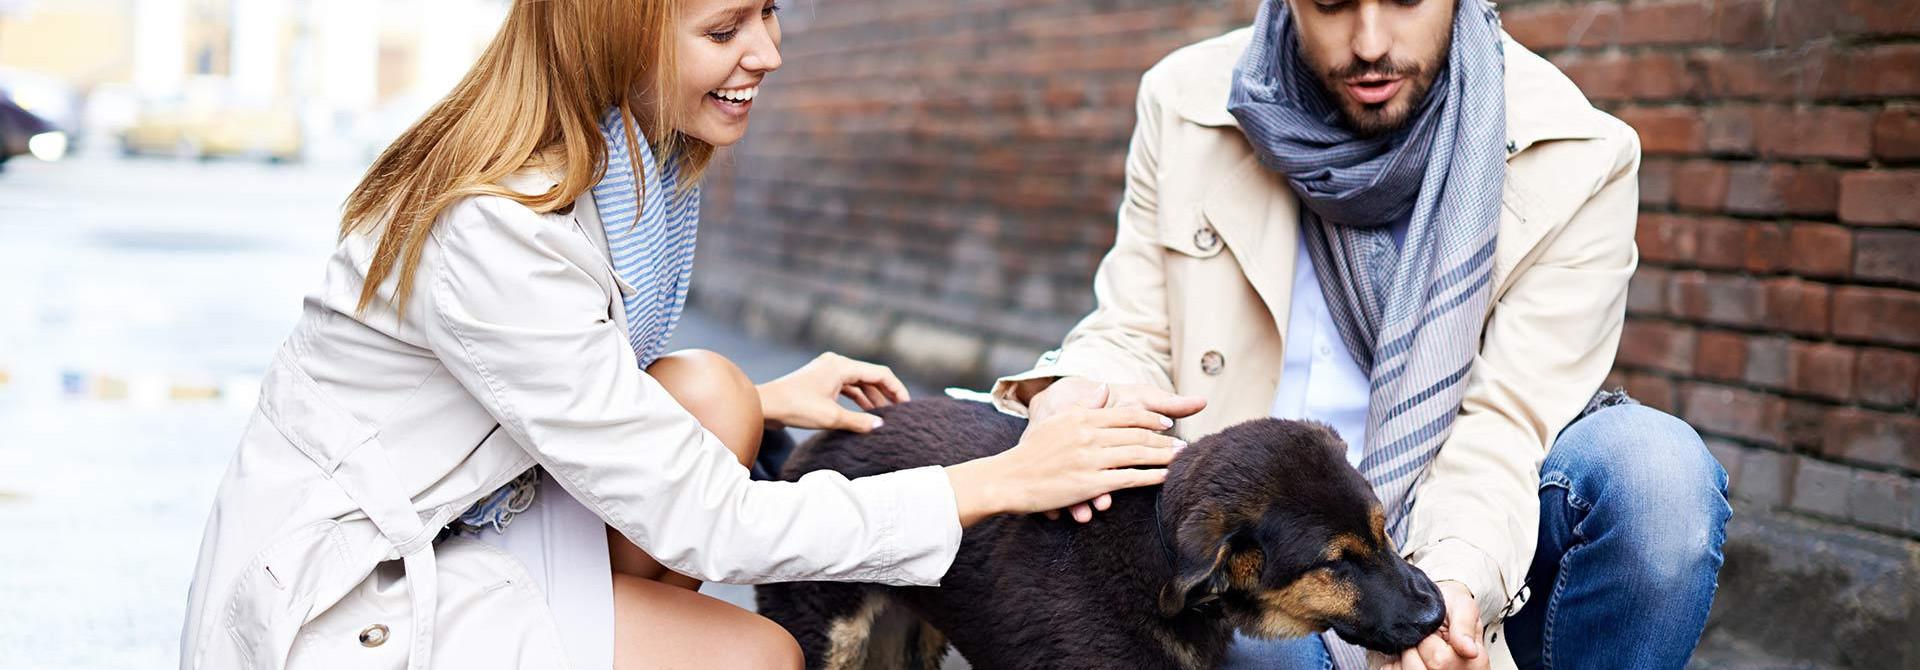 Klinika za male živali Veterinarstvo Trstenjak - Zajc Zdravje vašega ljubljenca - naša skrb!   PREVENTIVA